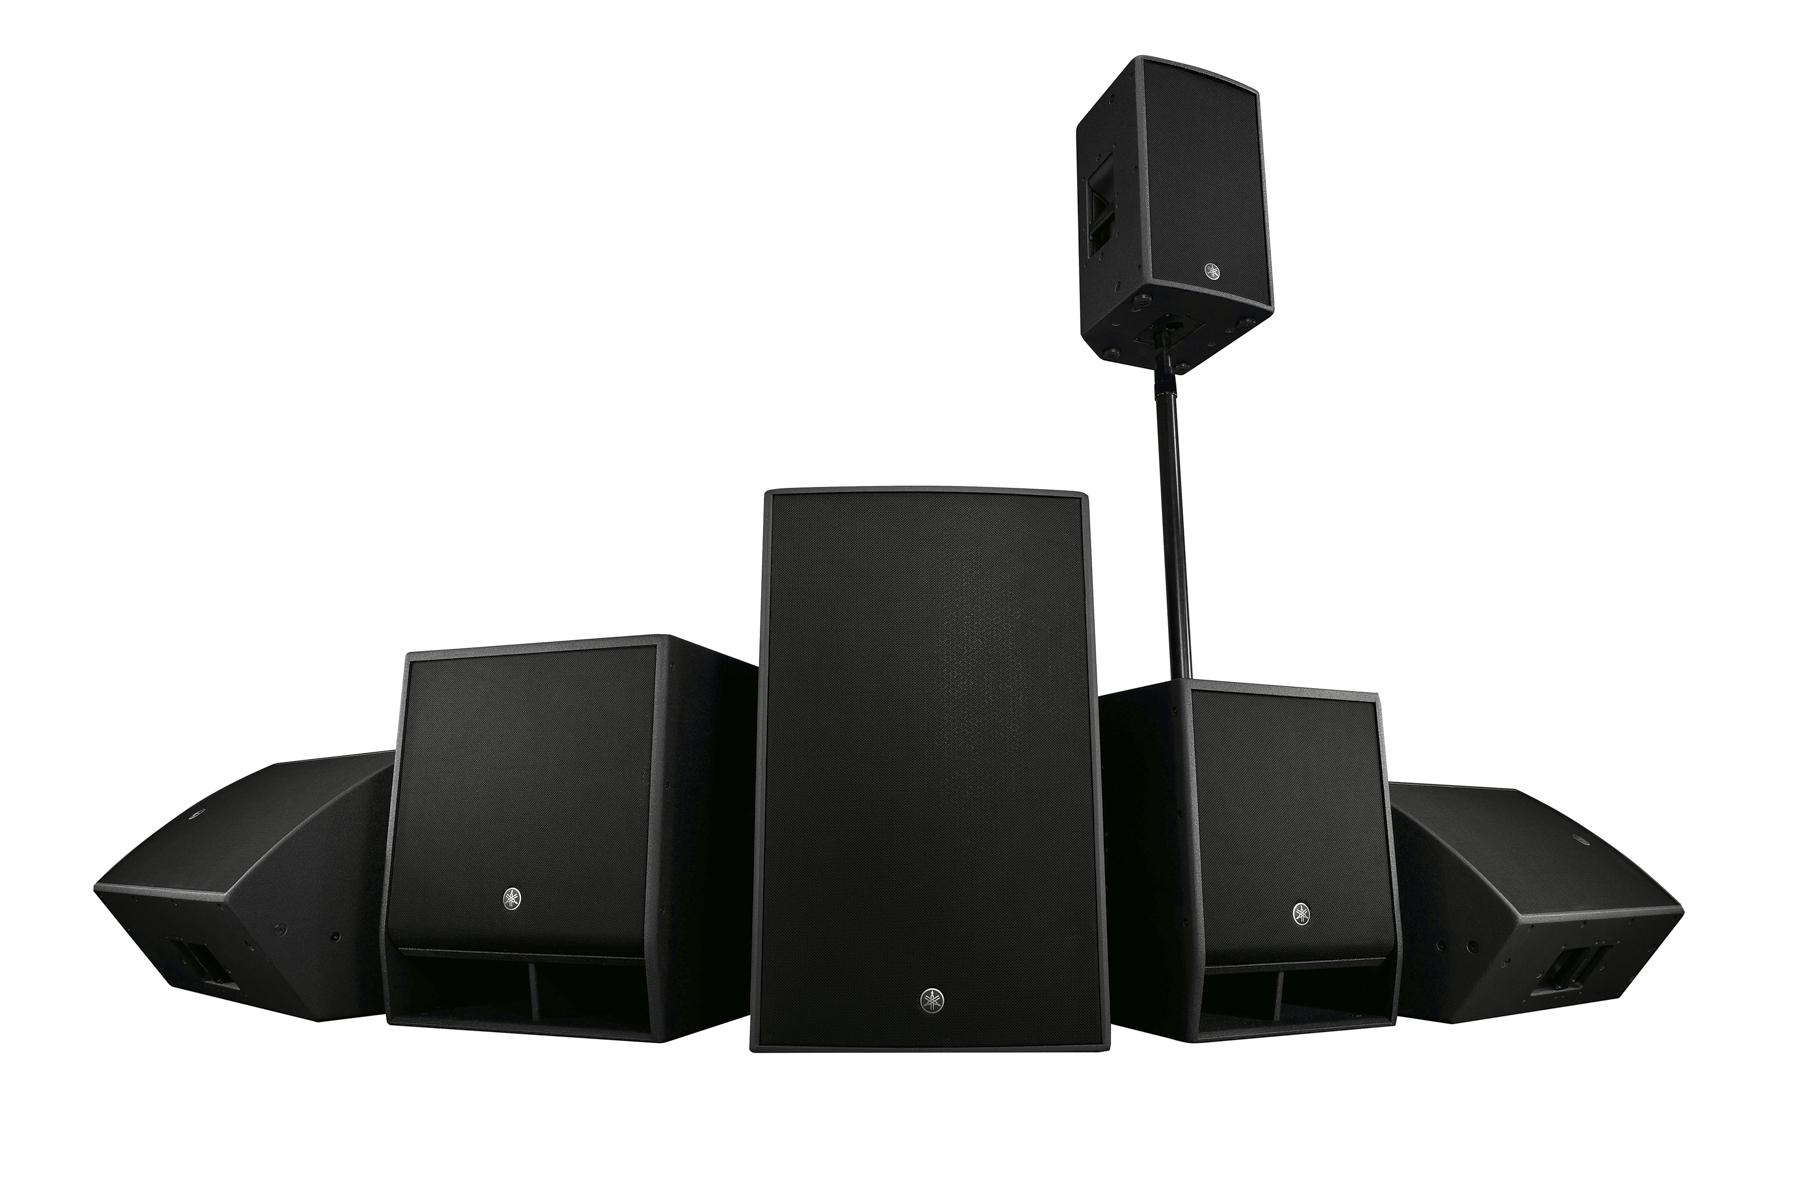 News: Yamaha zeigt Lautsprecher-Neuheiten